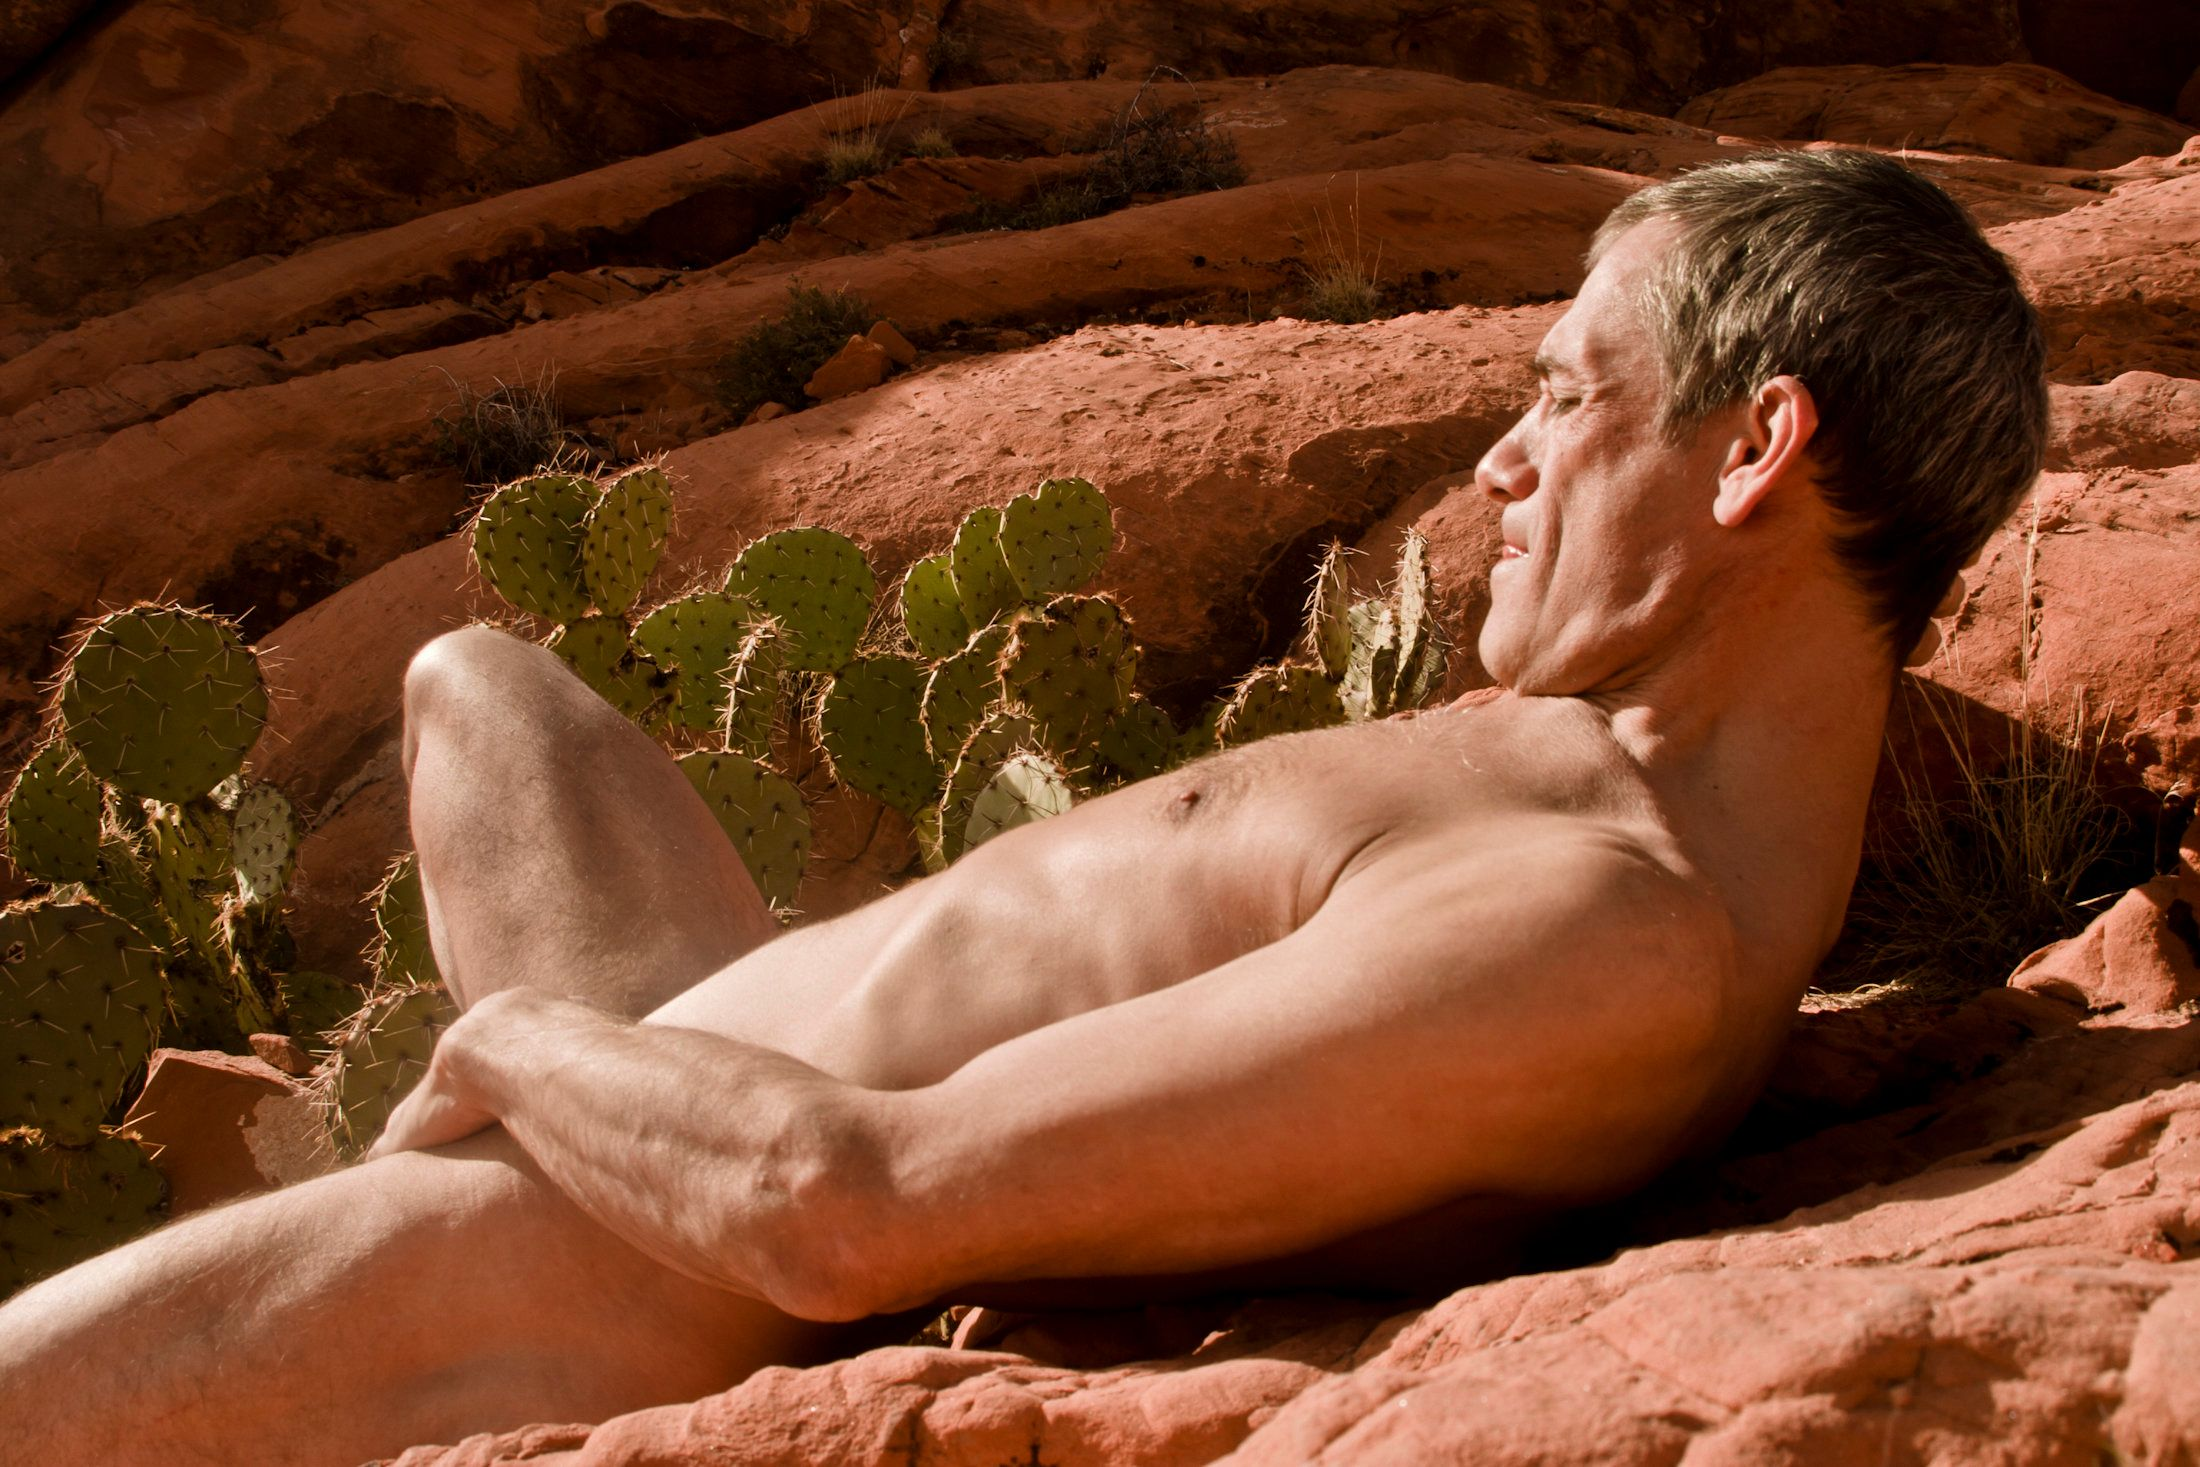 Gay erotic males true stories